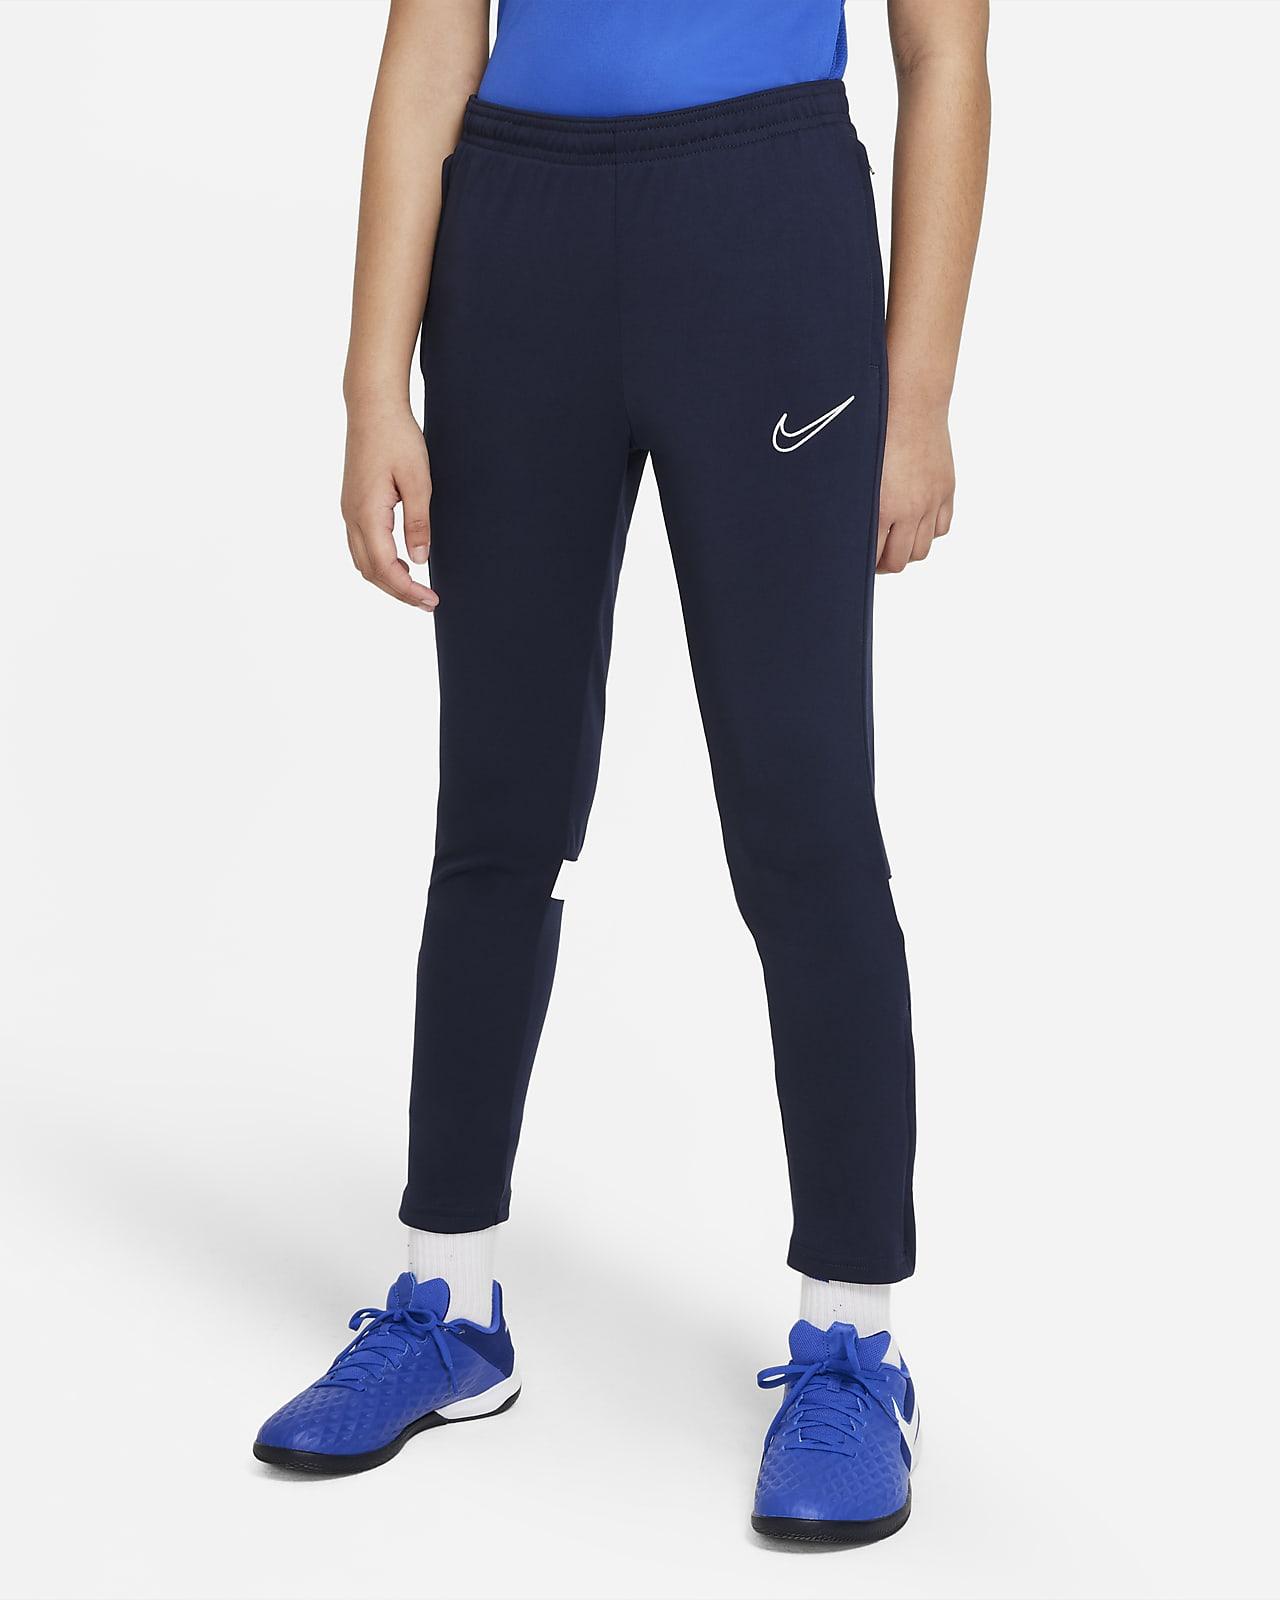 Nike Dri-FIT Academy Fußballhose aus Strickmaterial für ältere Kinder